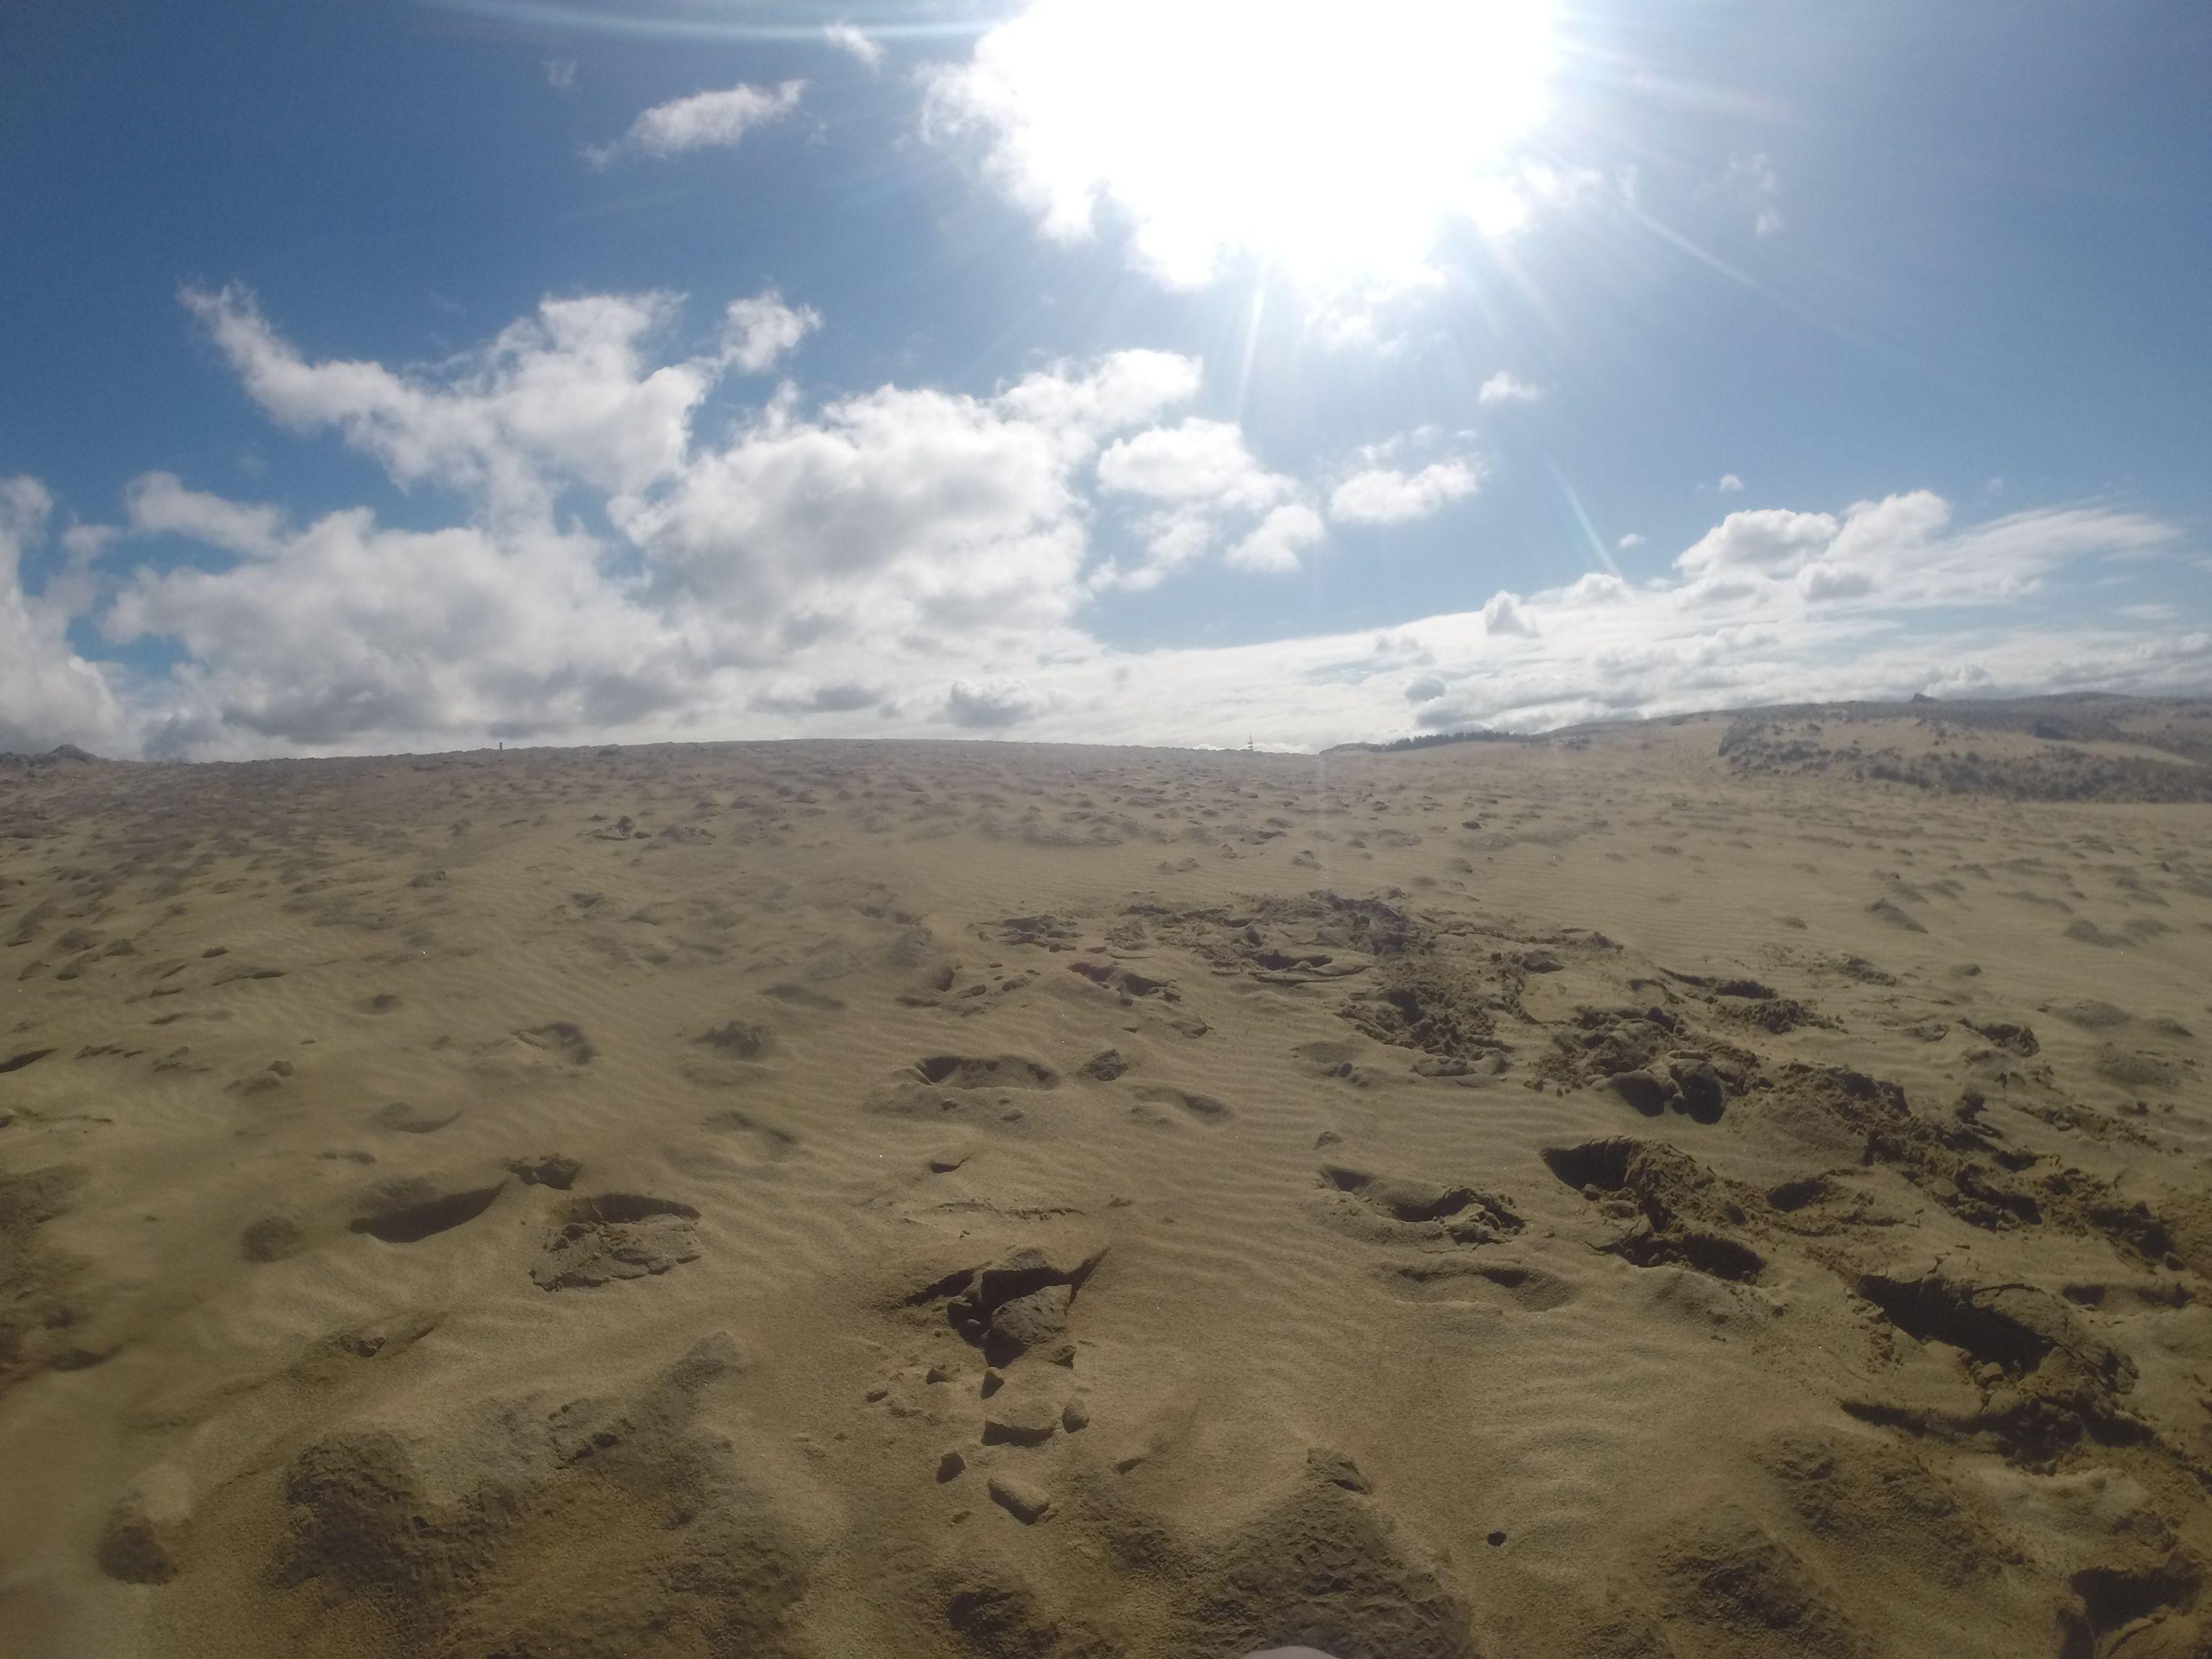 雲は多めながら、強烈な日差しが降り注ぐ鳥取砂丘